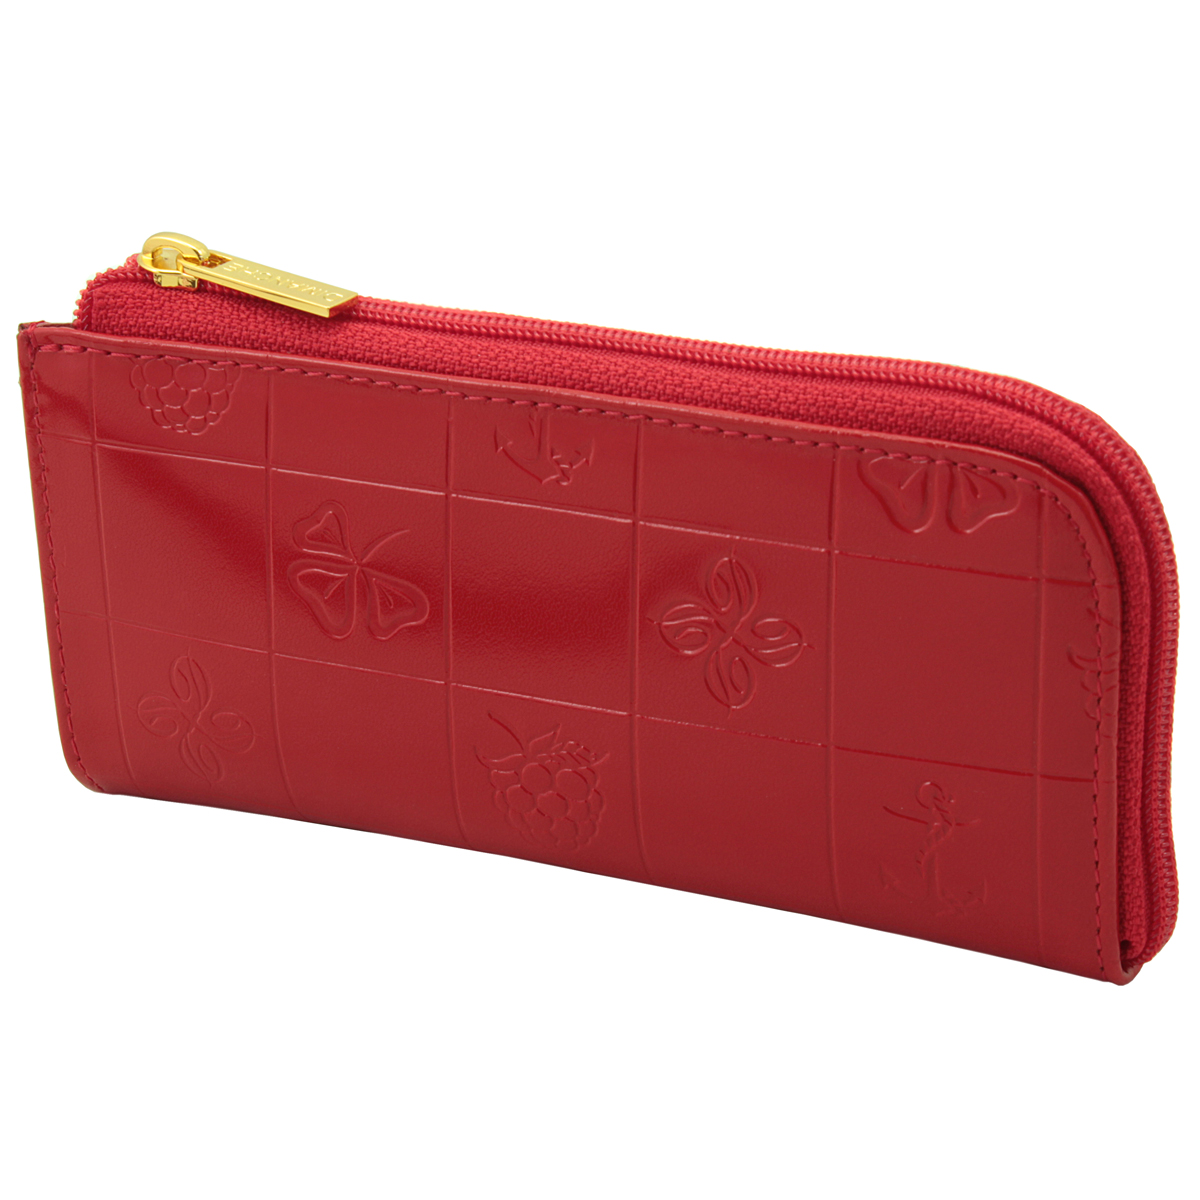 Ключница Dimanche Bonbon, цвет: красный. 219Серьги с подвескамиКомпактная ключница Bonbon - стильная вещь для хранения ключей. Ключница выполнена из натуральной кожи красного цвета с тиснением. Состоит из одного отделения, закрывающегося на застежку-молнию. Внутри ключницы на кожаной петле крепится металлическое кольцо для ключей. На внешней стороне расположен дополнительный карман на молнии. Ключница упакована в фирменную картонную коробку. Характеристики: Цвет: красный. Материал: натуральная кожа, текстиль, металл. Размер: 14 см x 7 см x 2 см. Изготовитель: Россия. Артикул: 219.